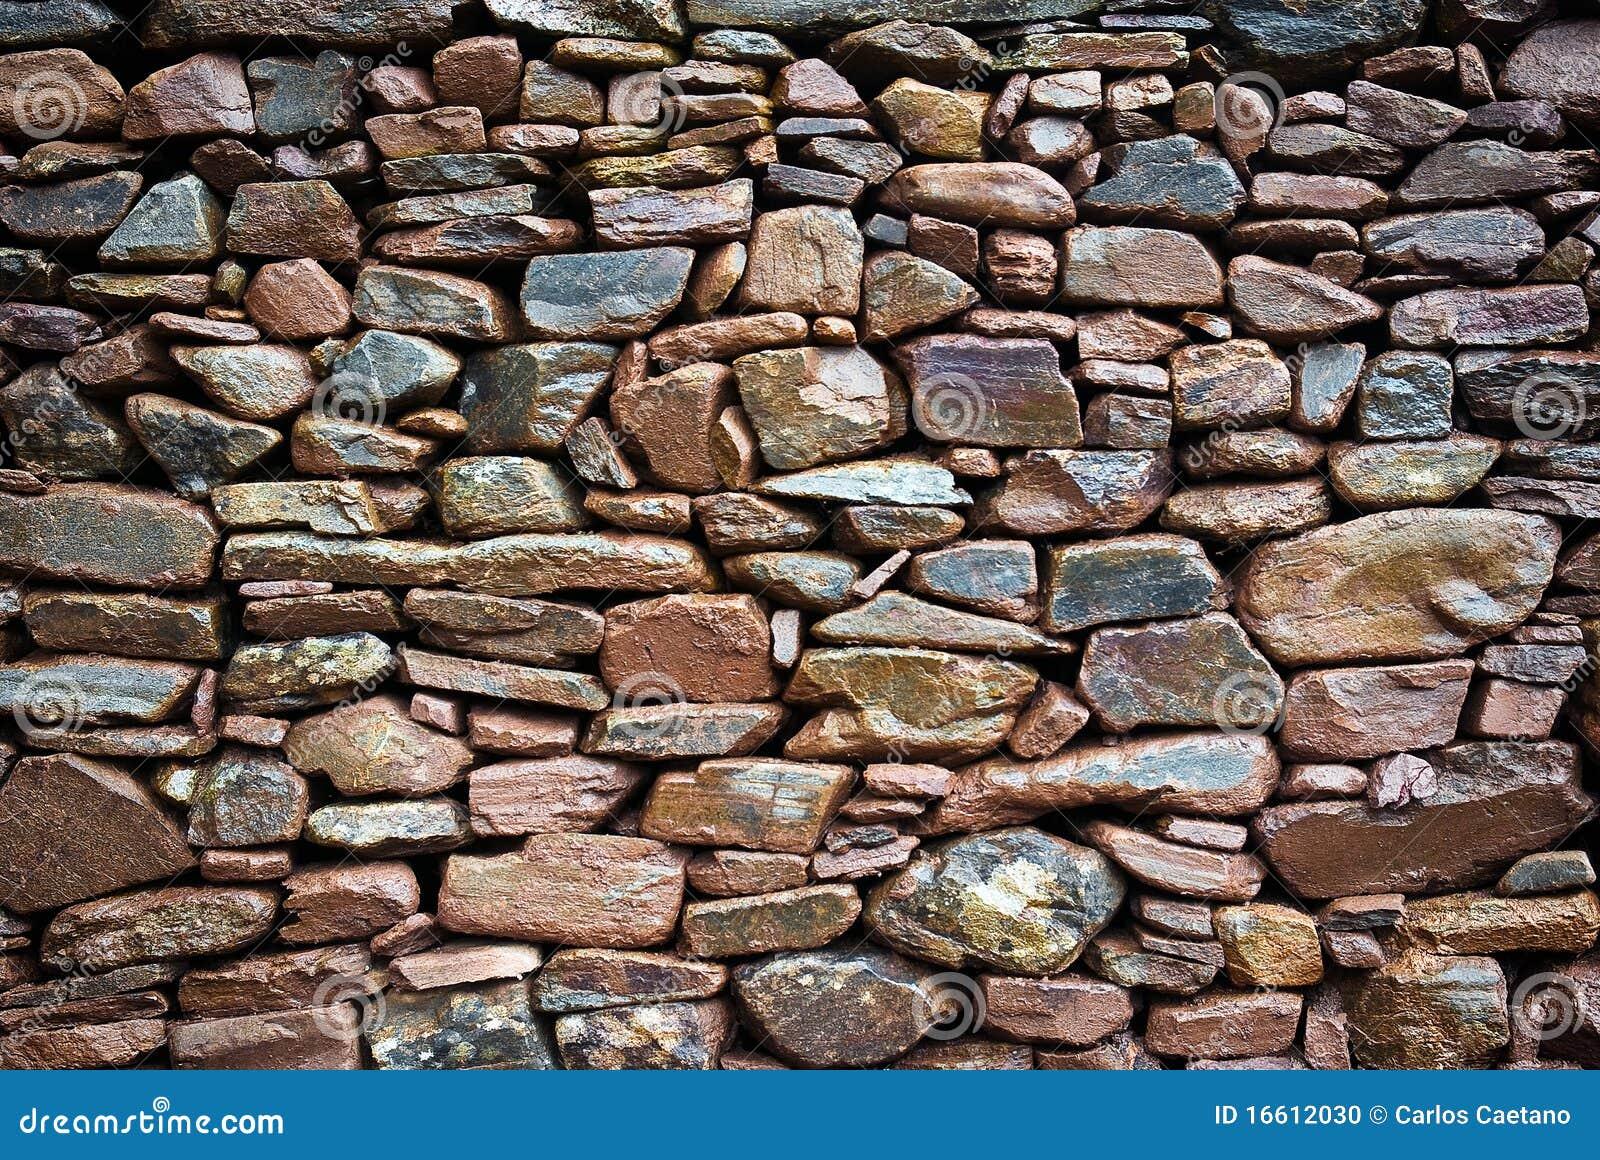 De rustieke muur van de steen stock foto afbeelding 16612030 - Muur van de ingang ...